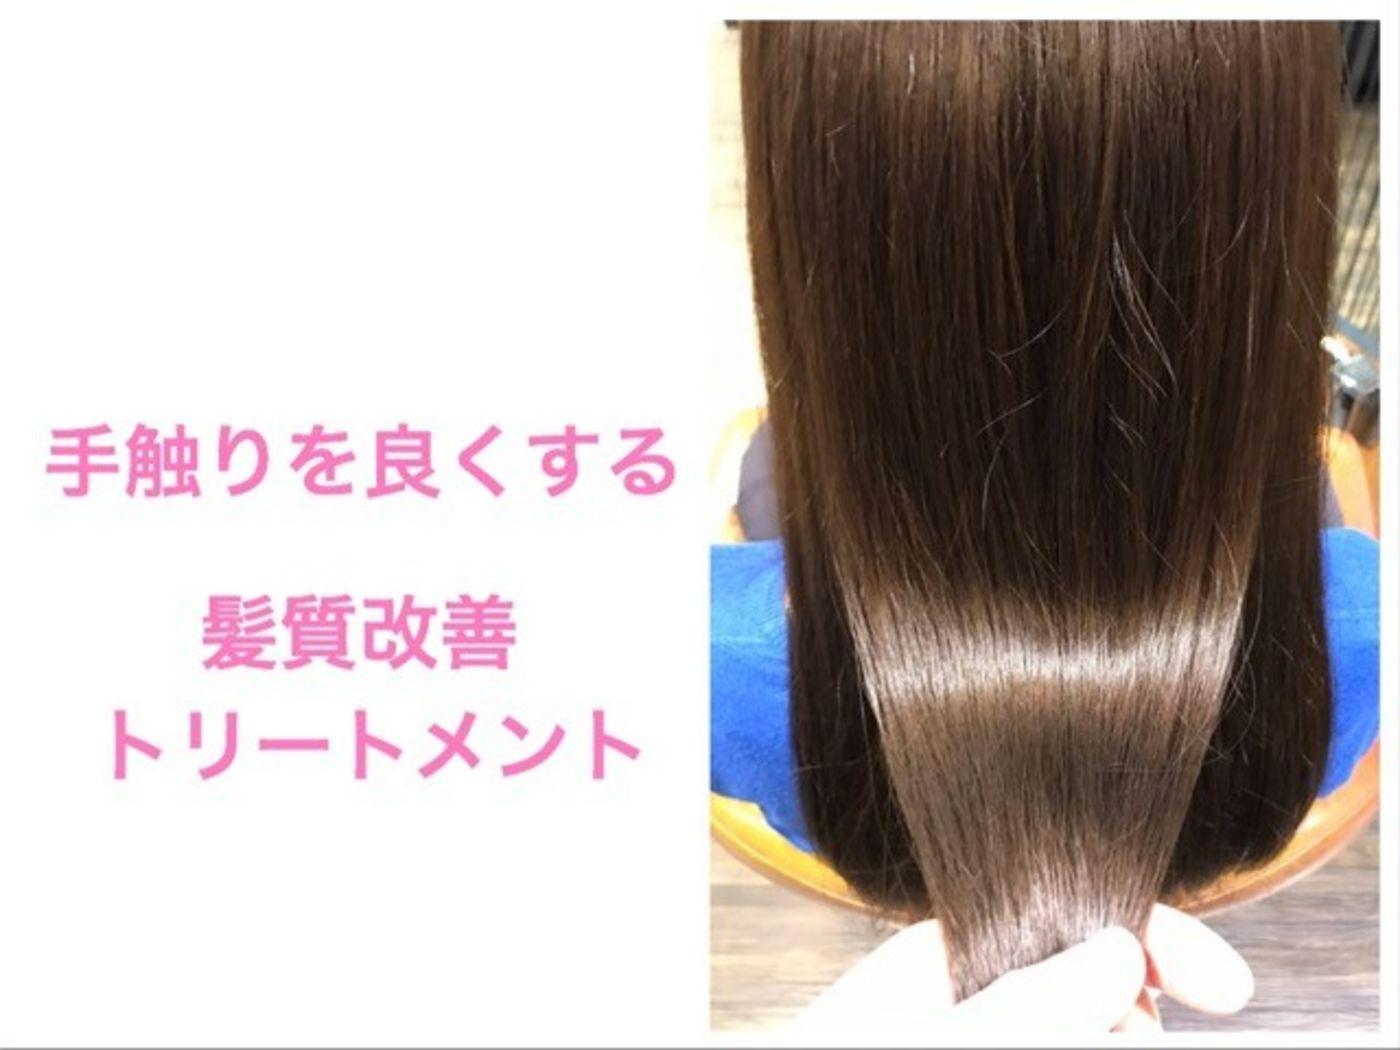 【髪質改善その③】手触りを良くする為の髪質改善トリートメント